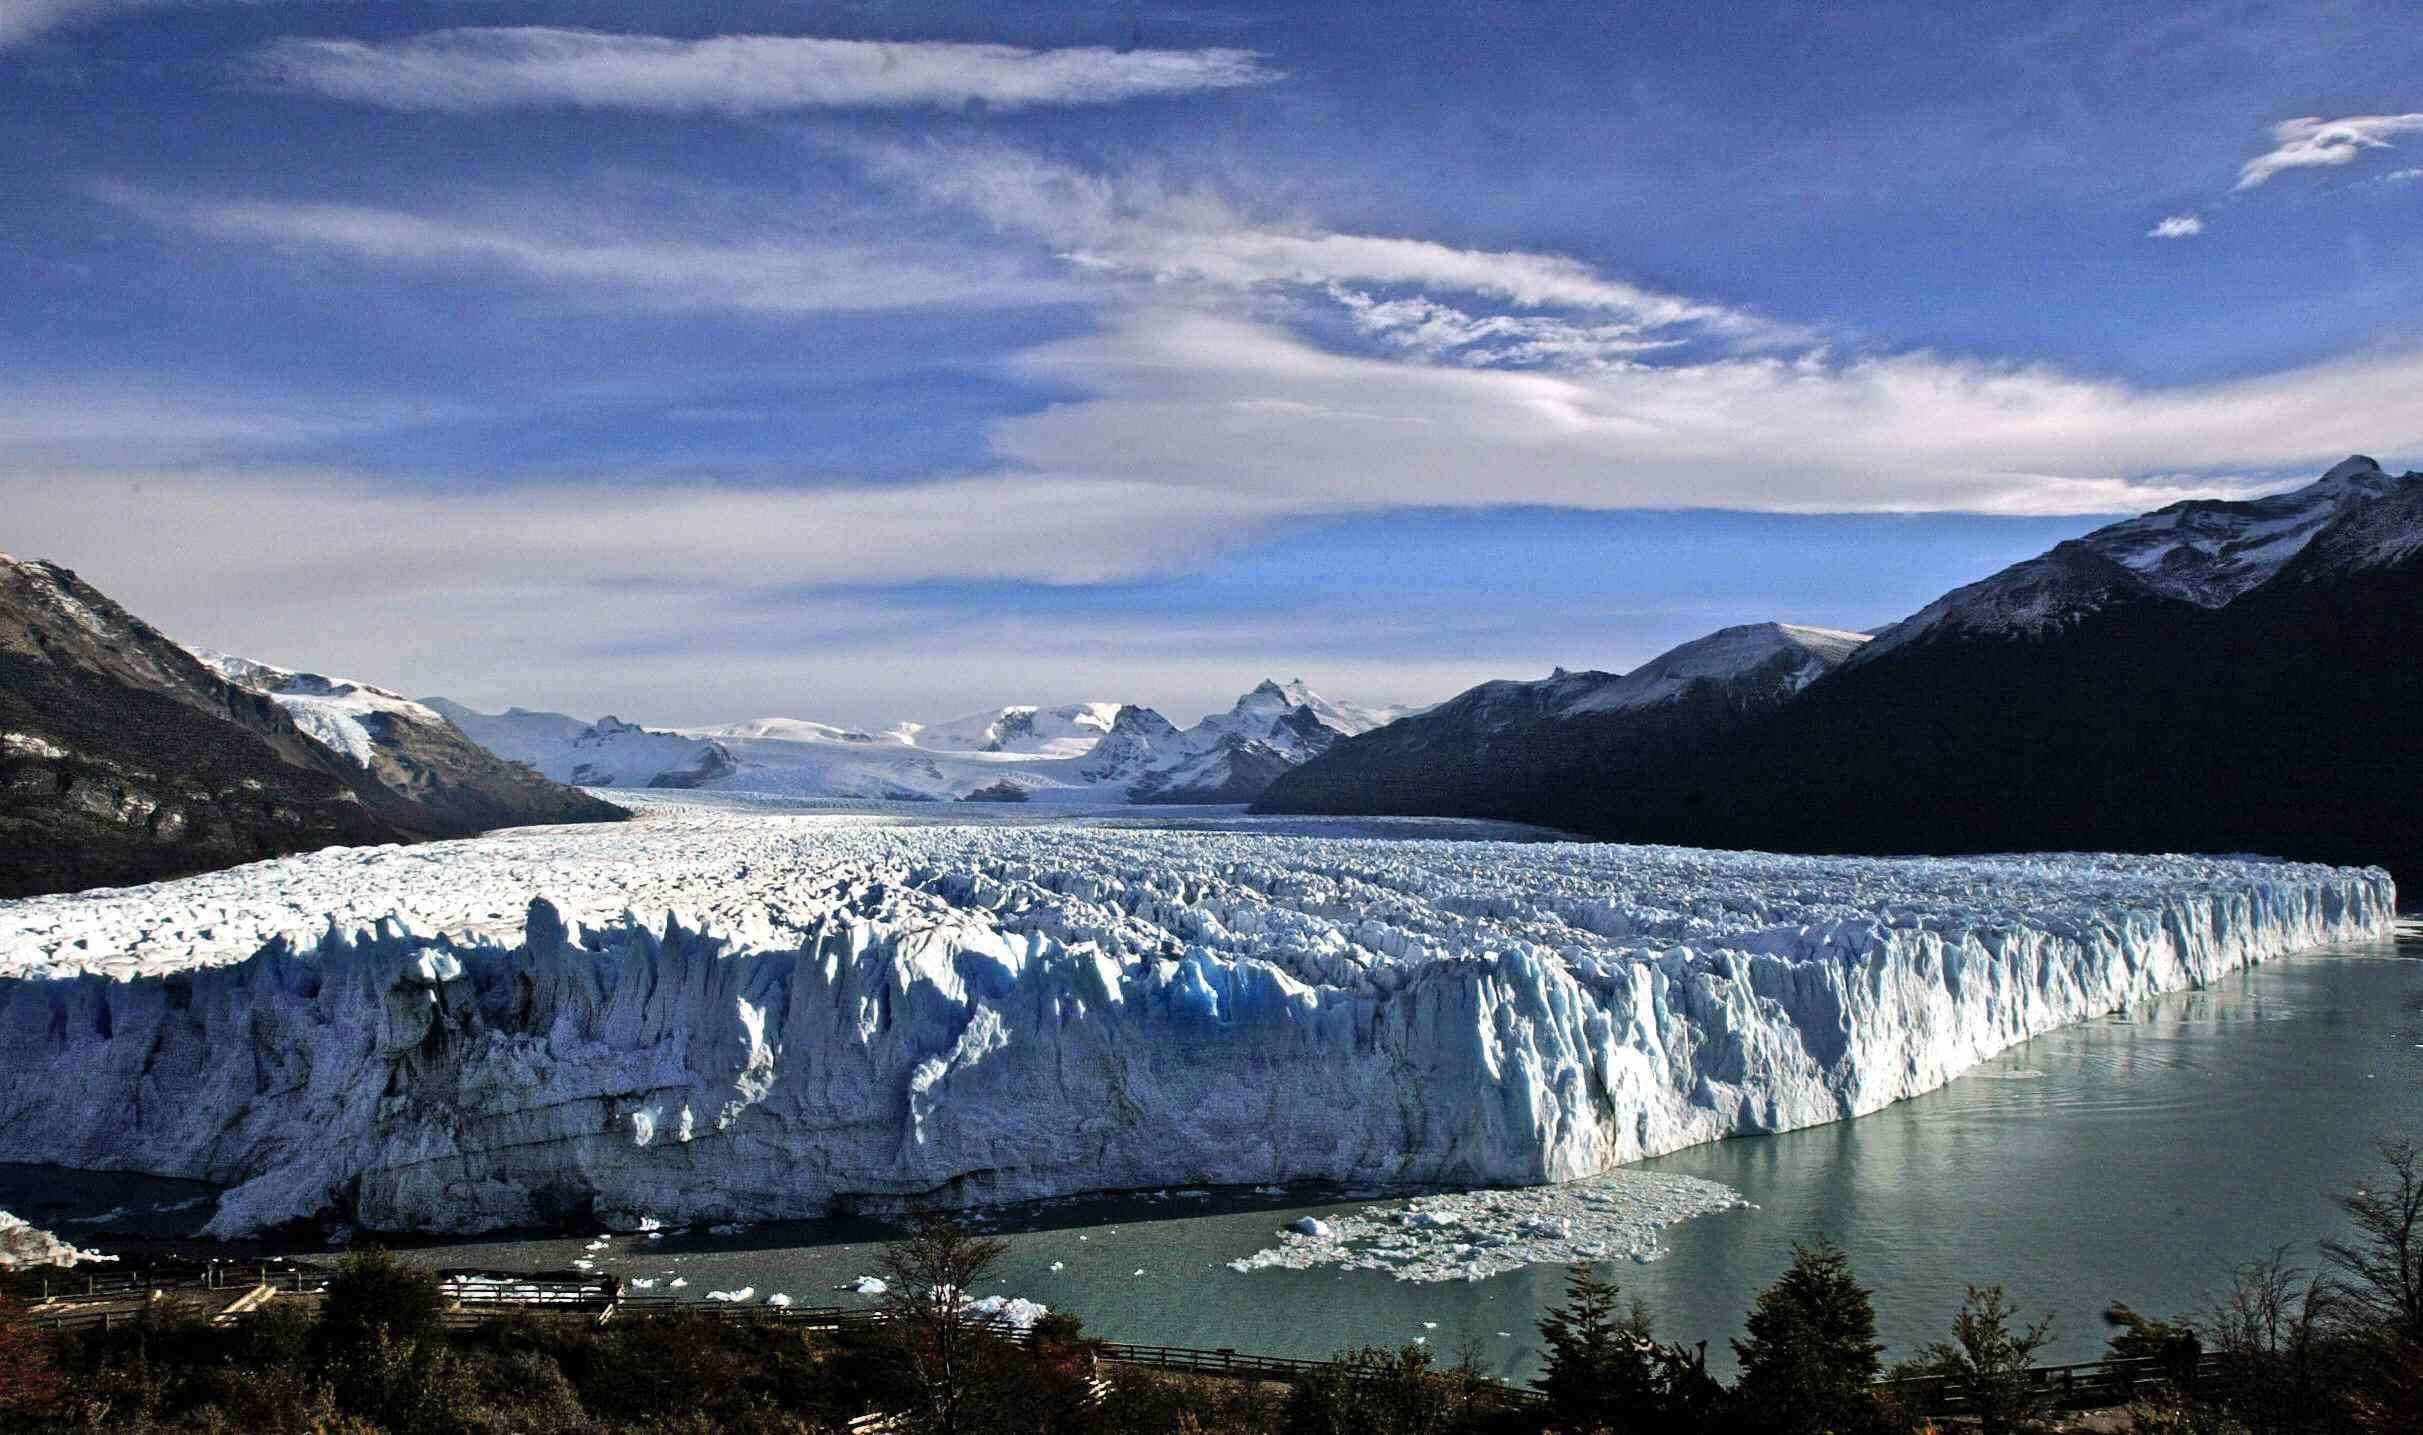 View of the glacier Perito Moreno